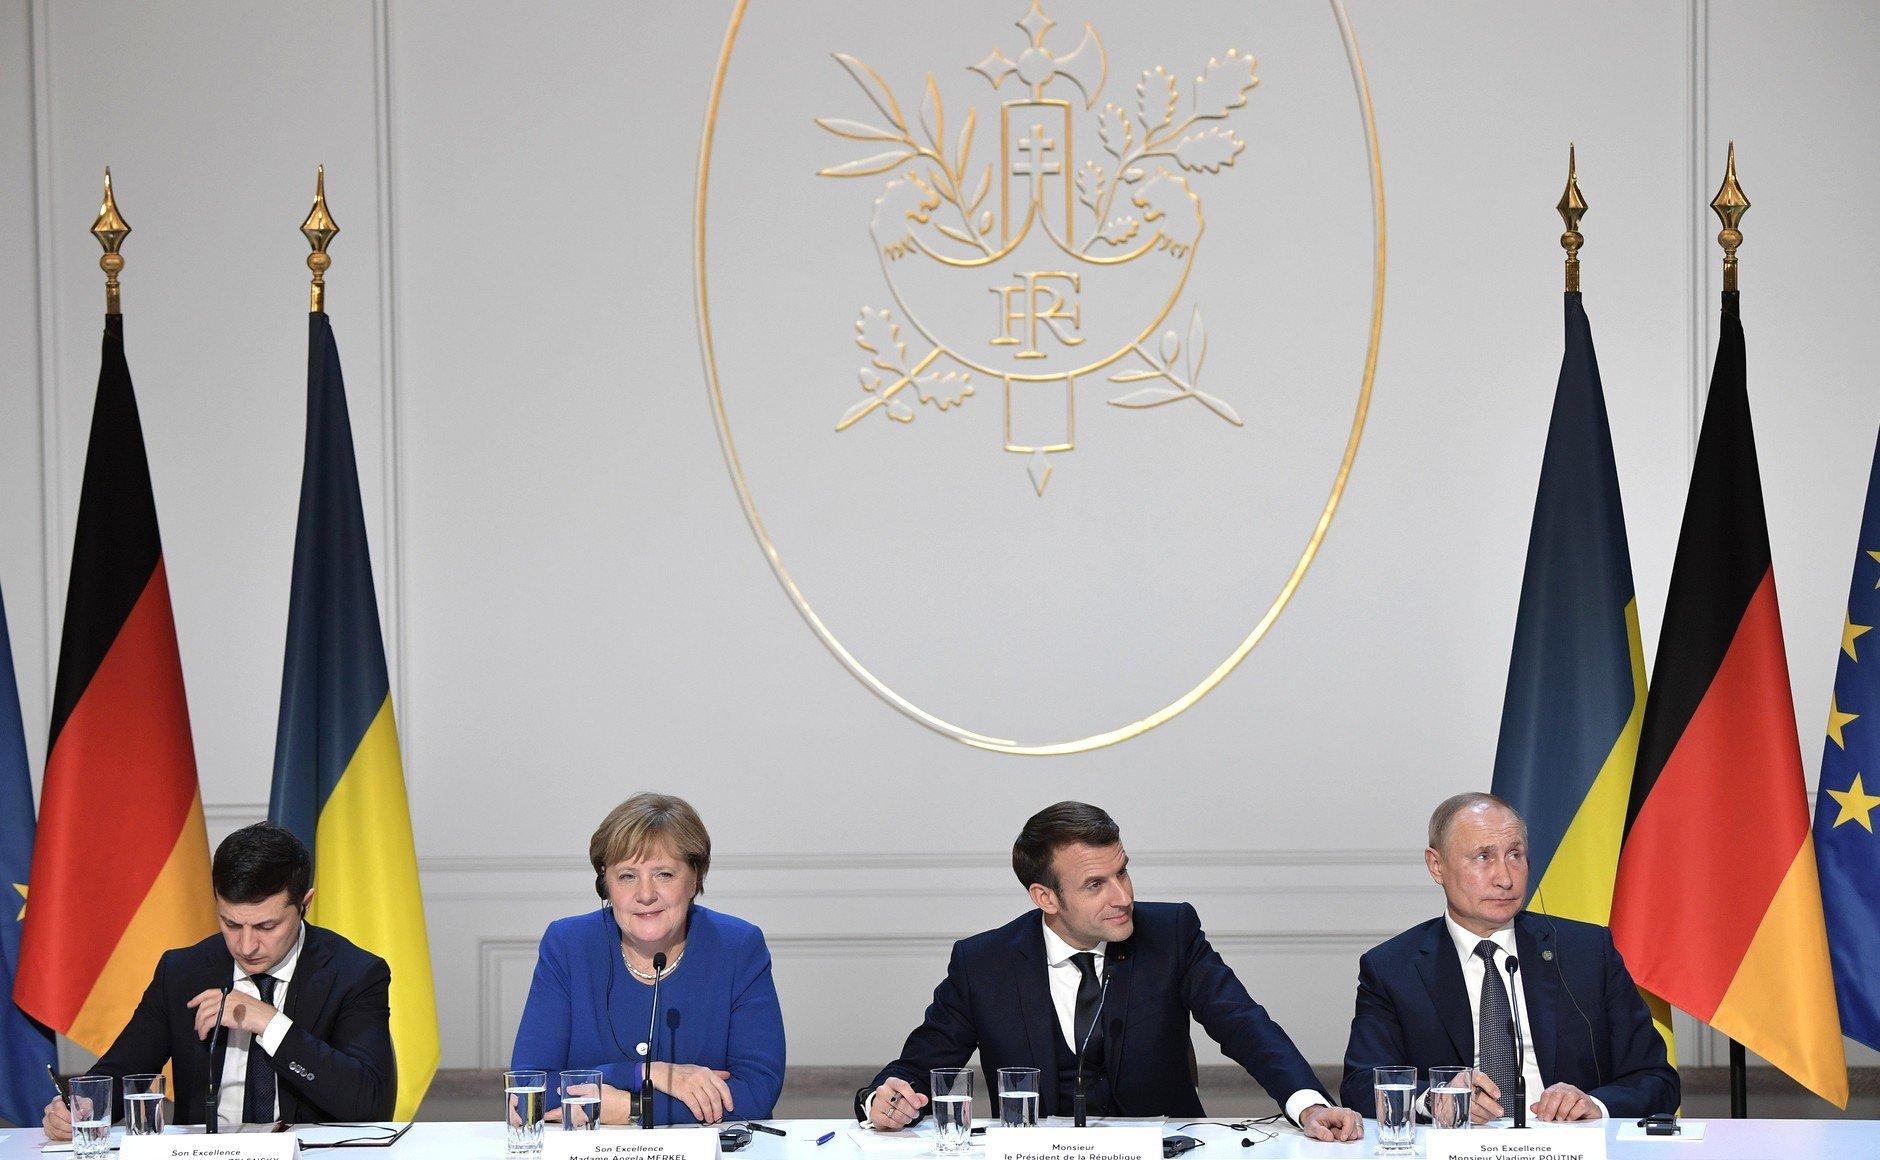 Reunión en París sobre la guerra del Donbass